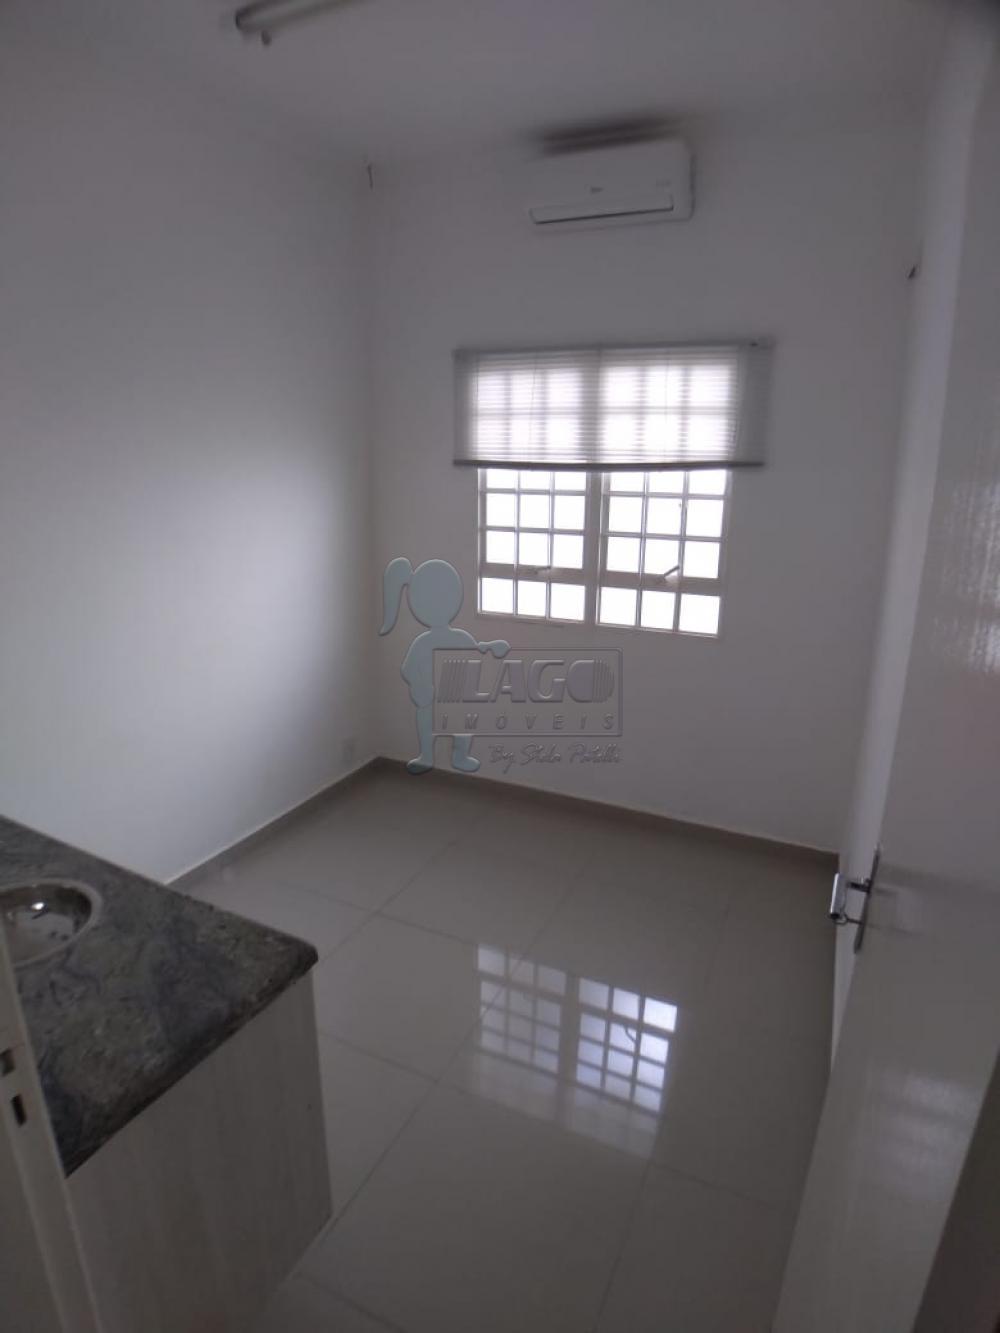 Alugar Comercial / Imóvel Comercial em Ribeirão Preto apenas R$ 3.500,00 - Foto 5